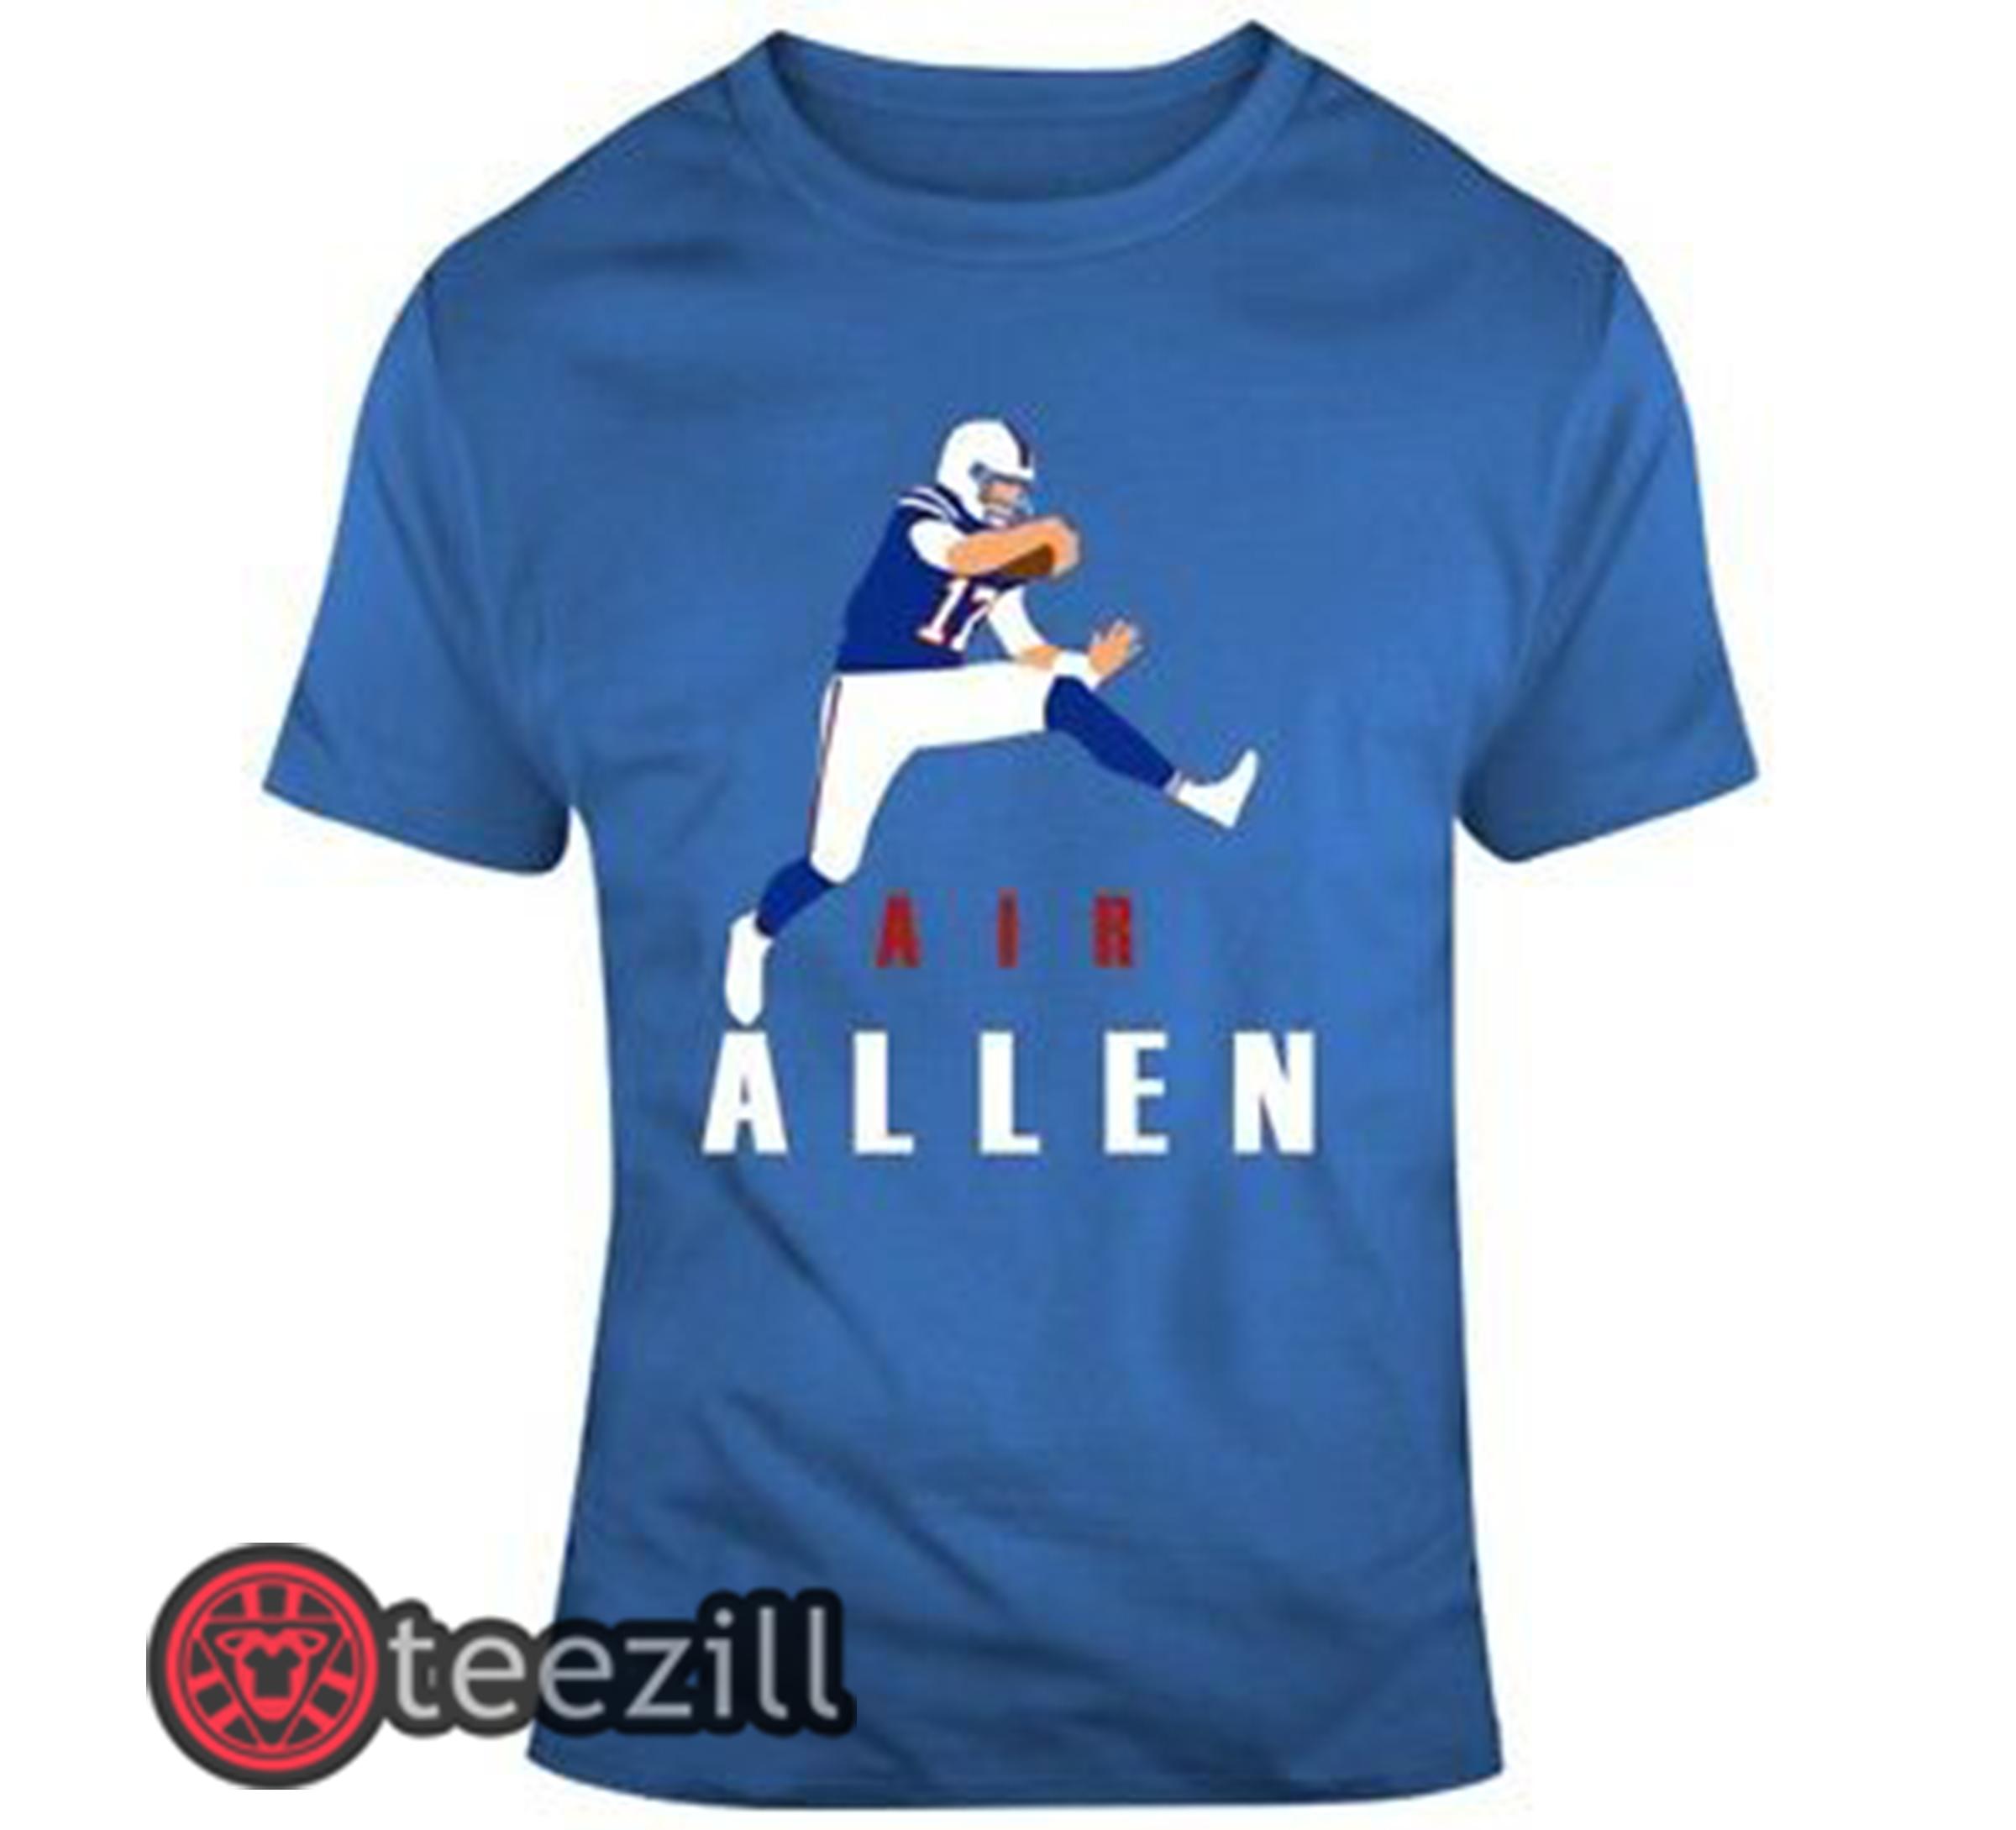 Air Allen Buffalo Bills Shirt Josh Allen Buffalo Bills Logo T Shirt Teezill